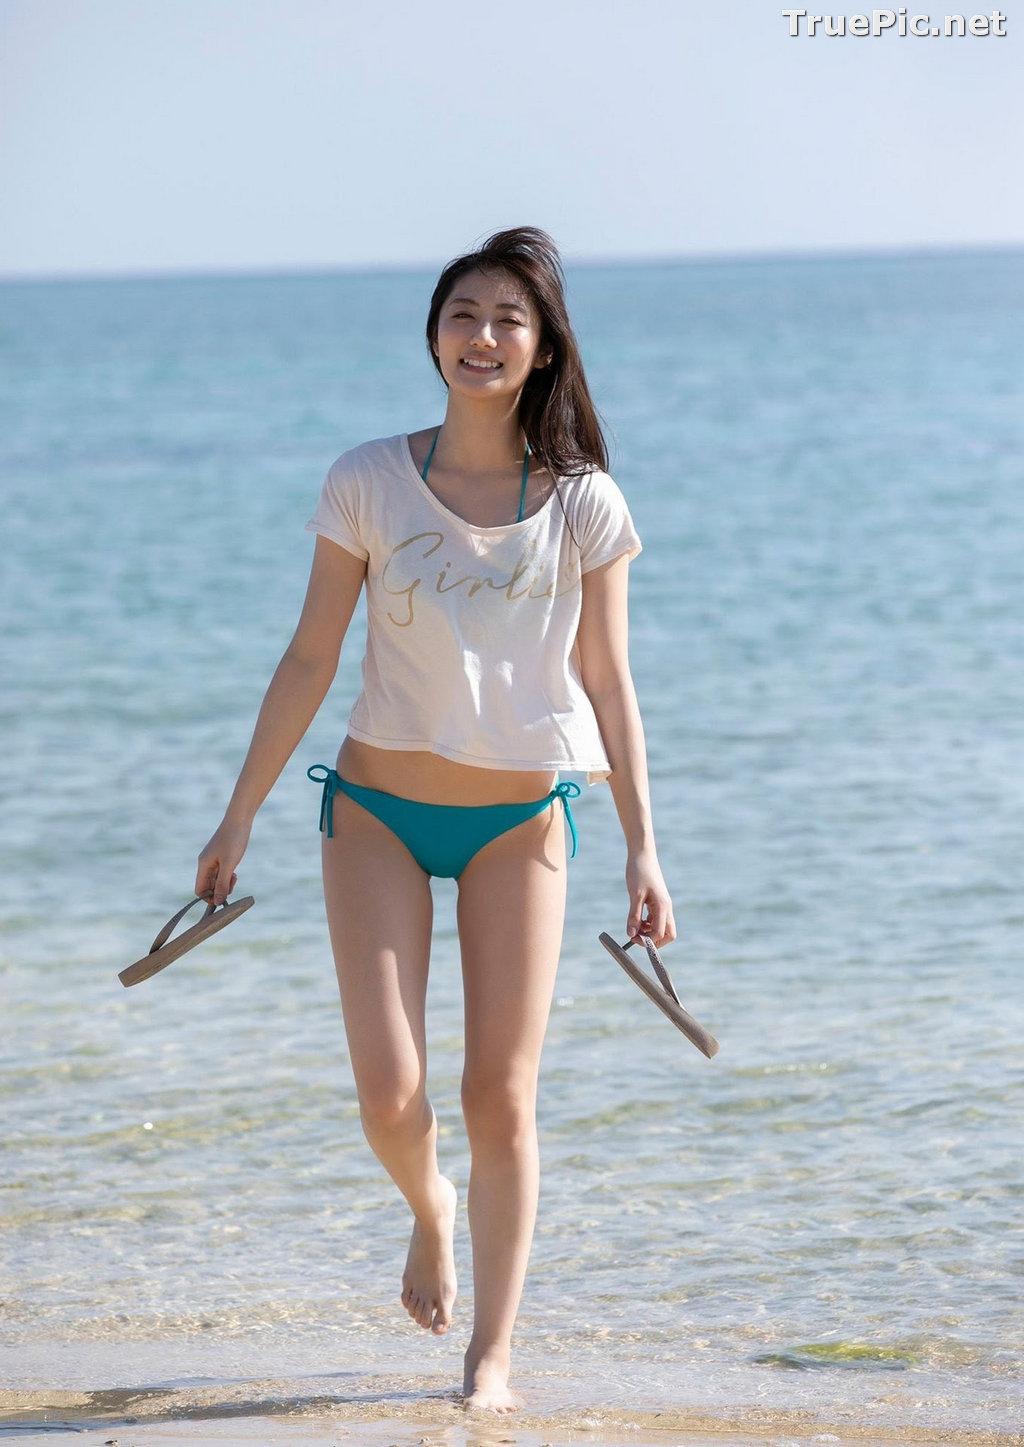 Image Brilliant Body 2020.05.18 - Japanese Actress and Model - Okuyama Kazusa (奥山かずさ) - TruePic.net - Picture-2